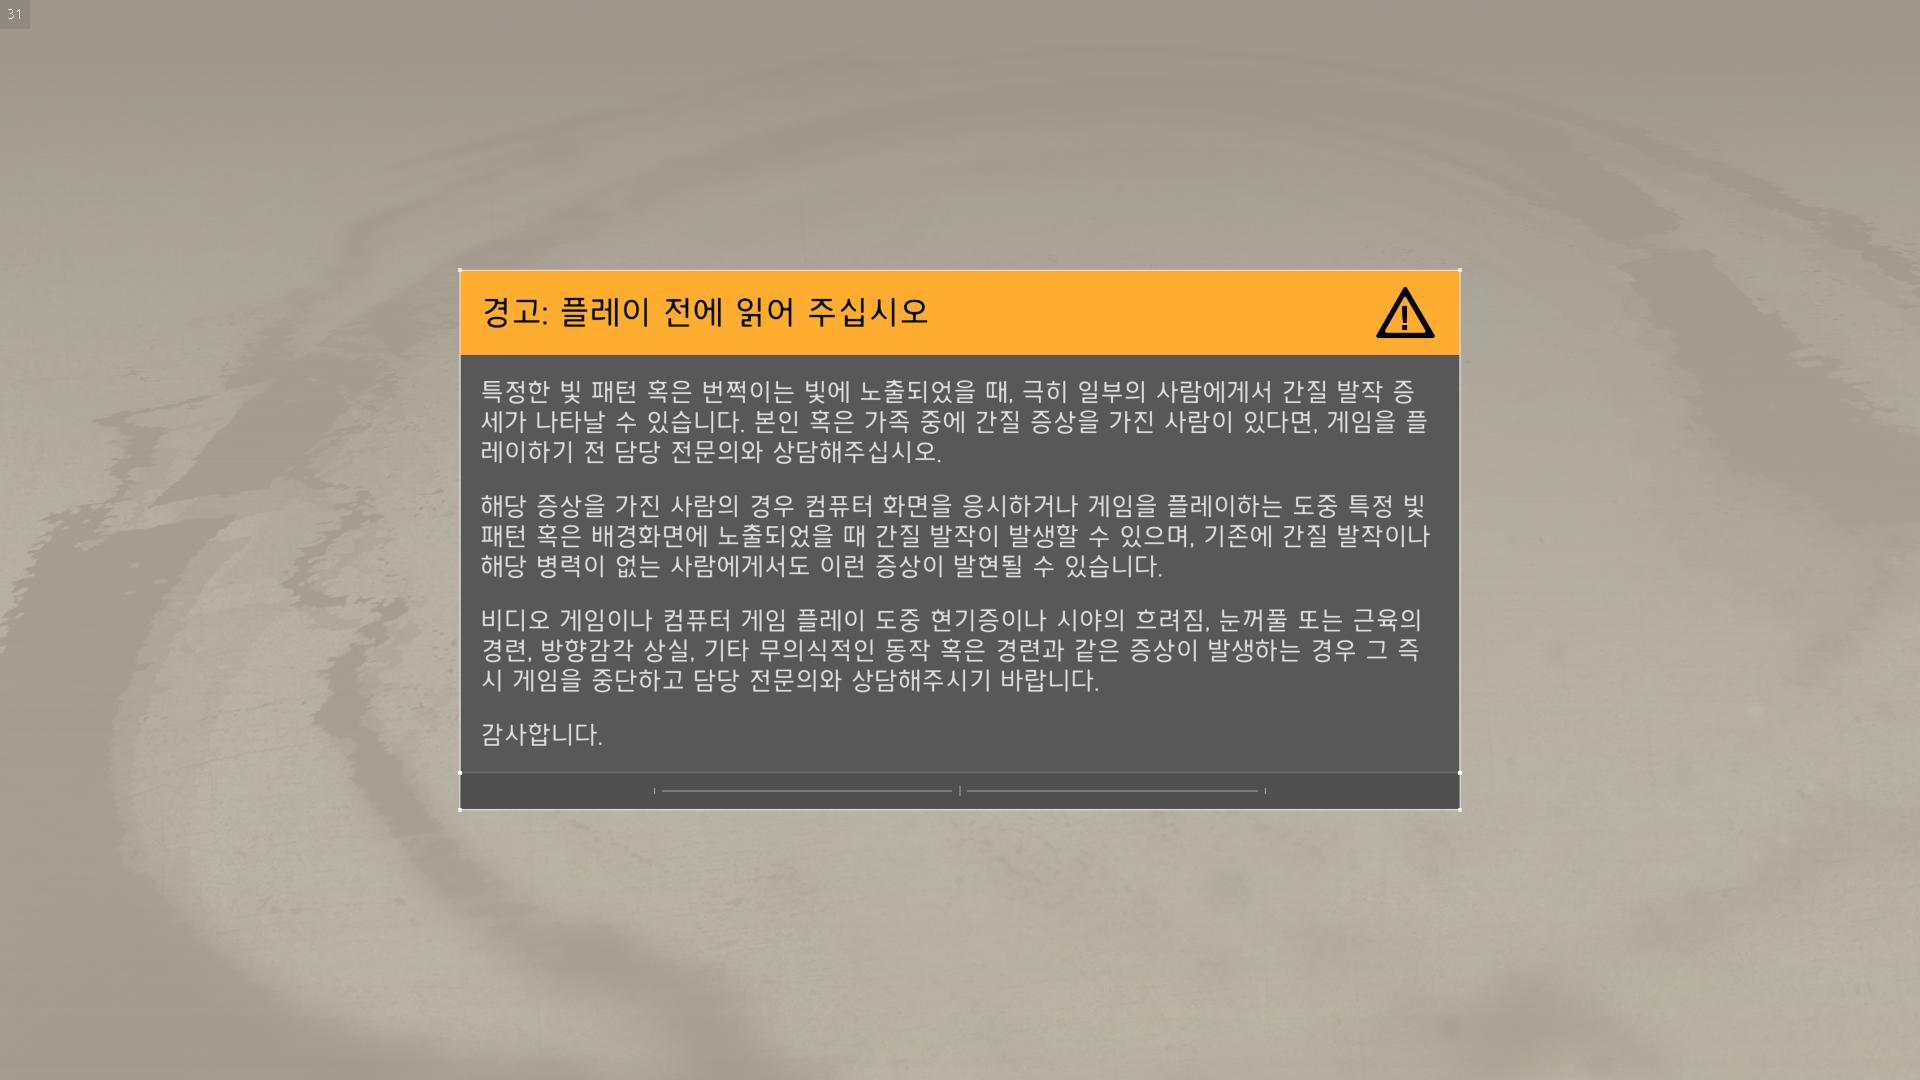 더 디비전 2. 플레이 전에 읽어 주십시오.